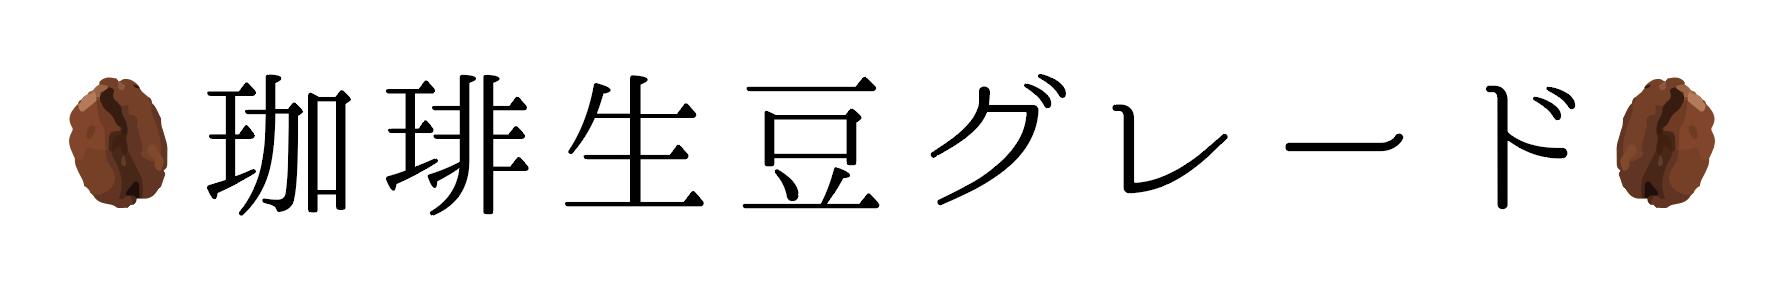 生豆グレードタイトル